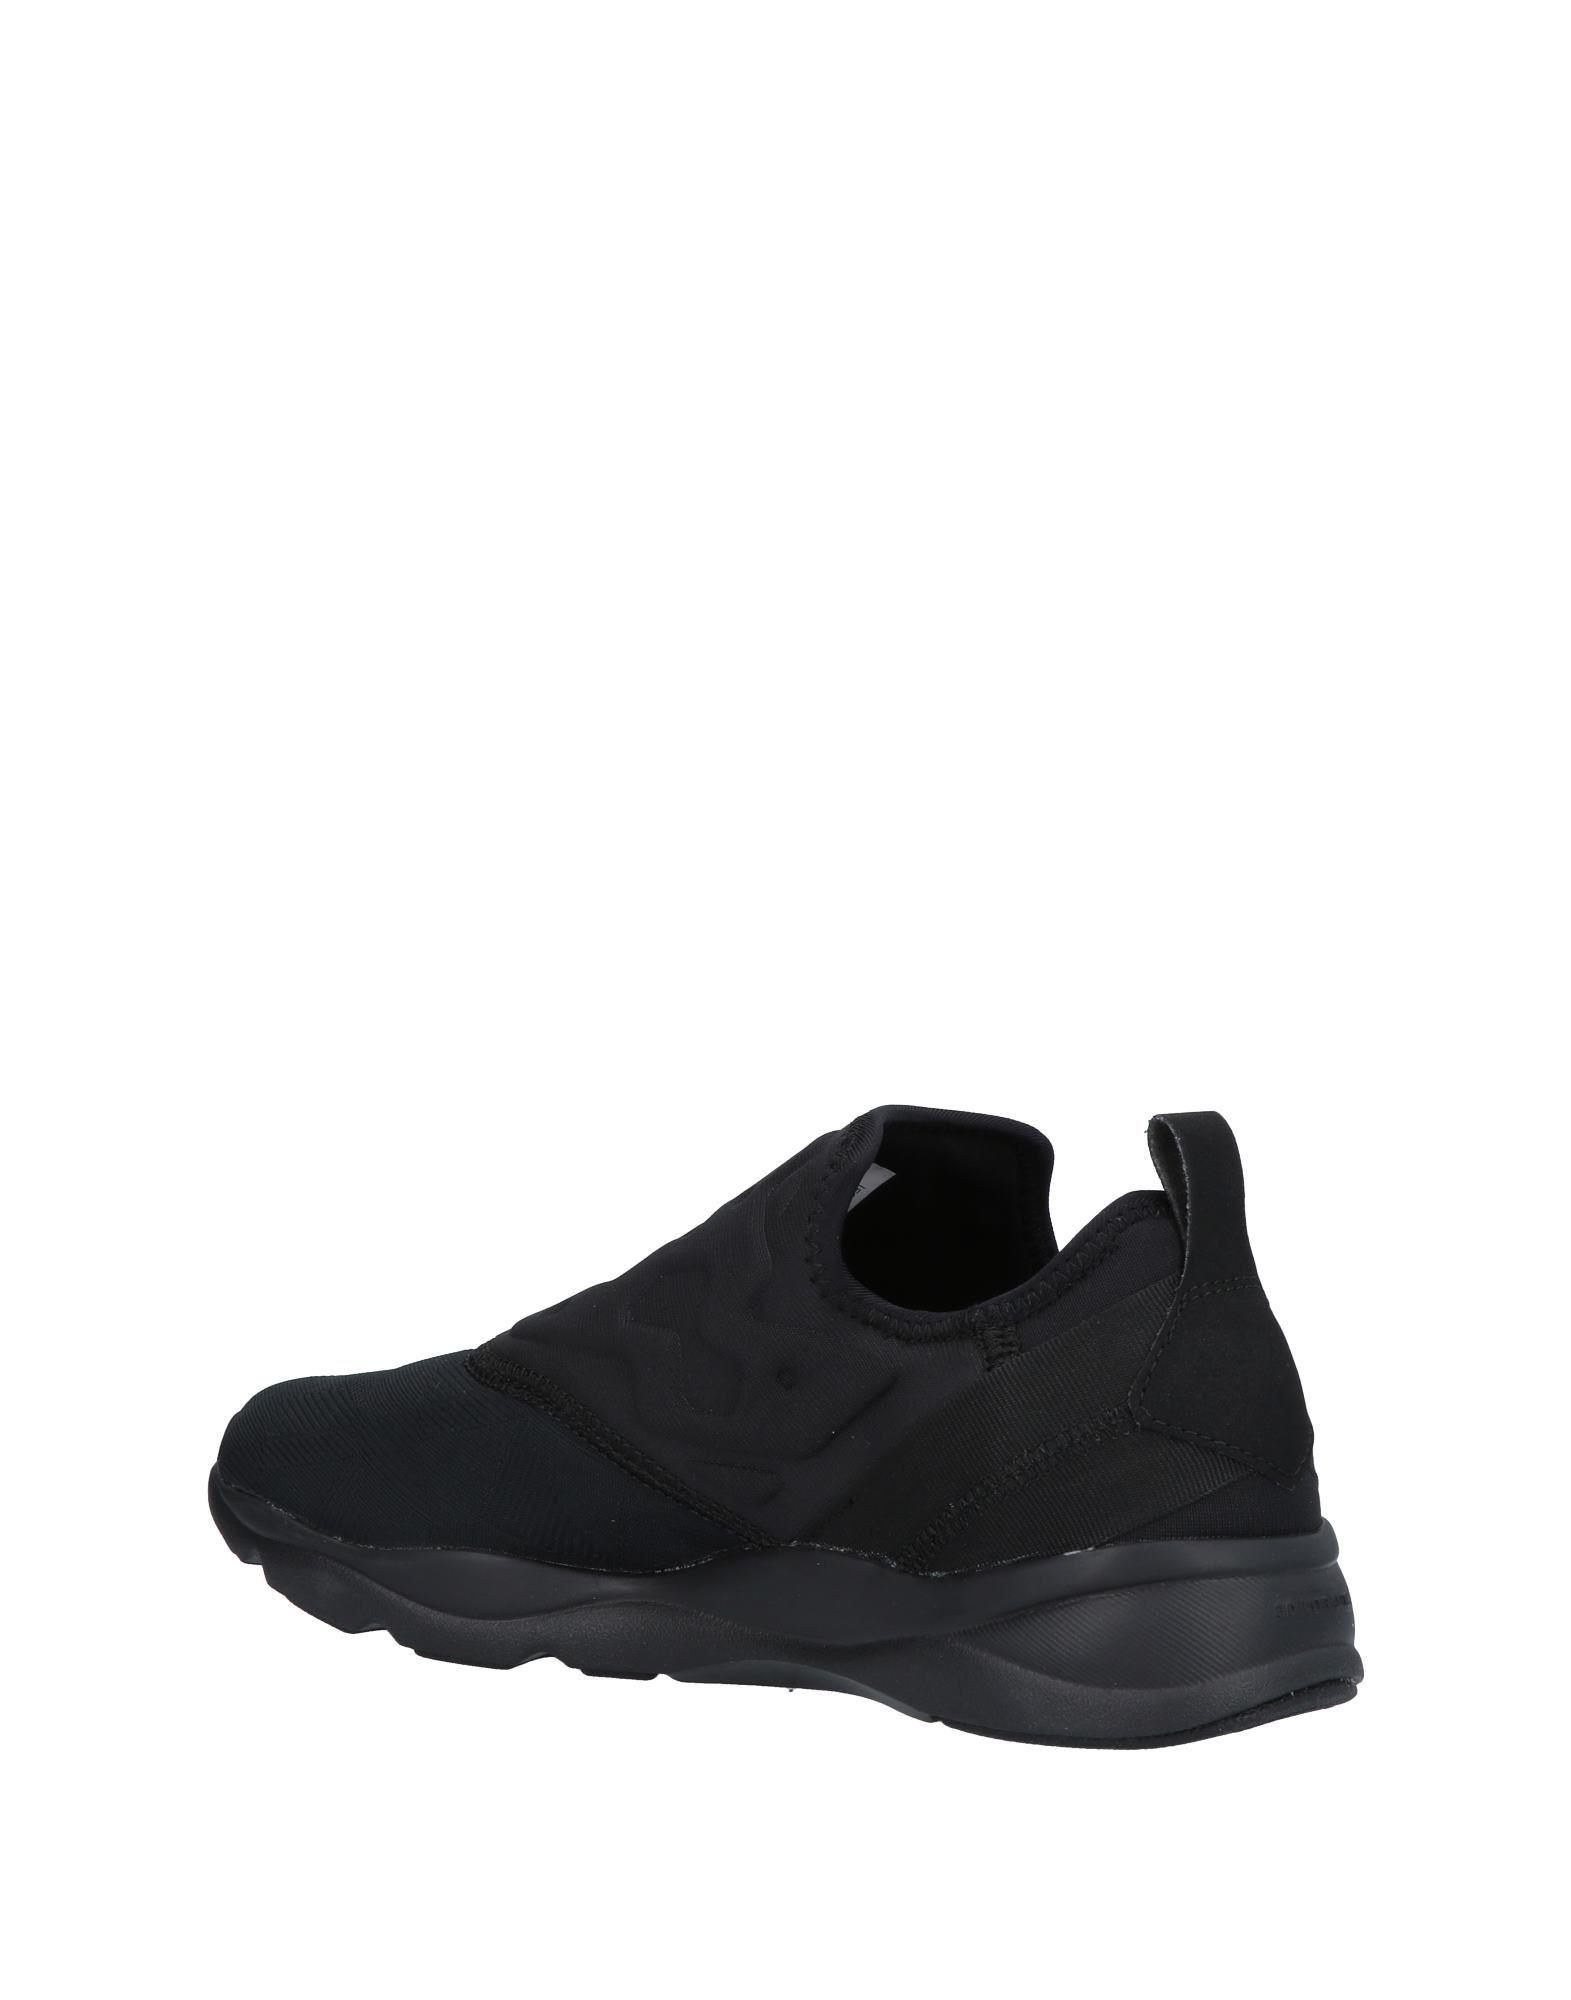 Sneakers Reebok Homme - Sneakers Reebok sur